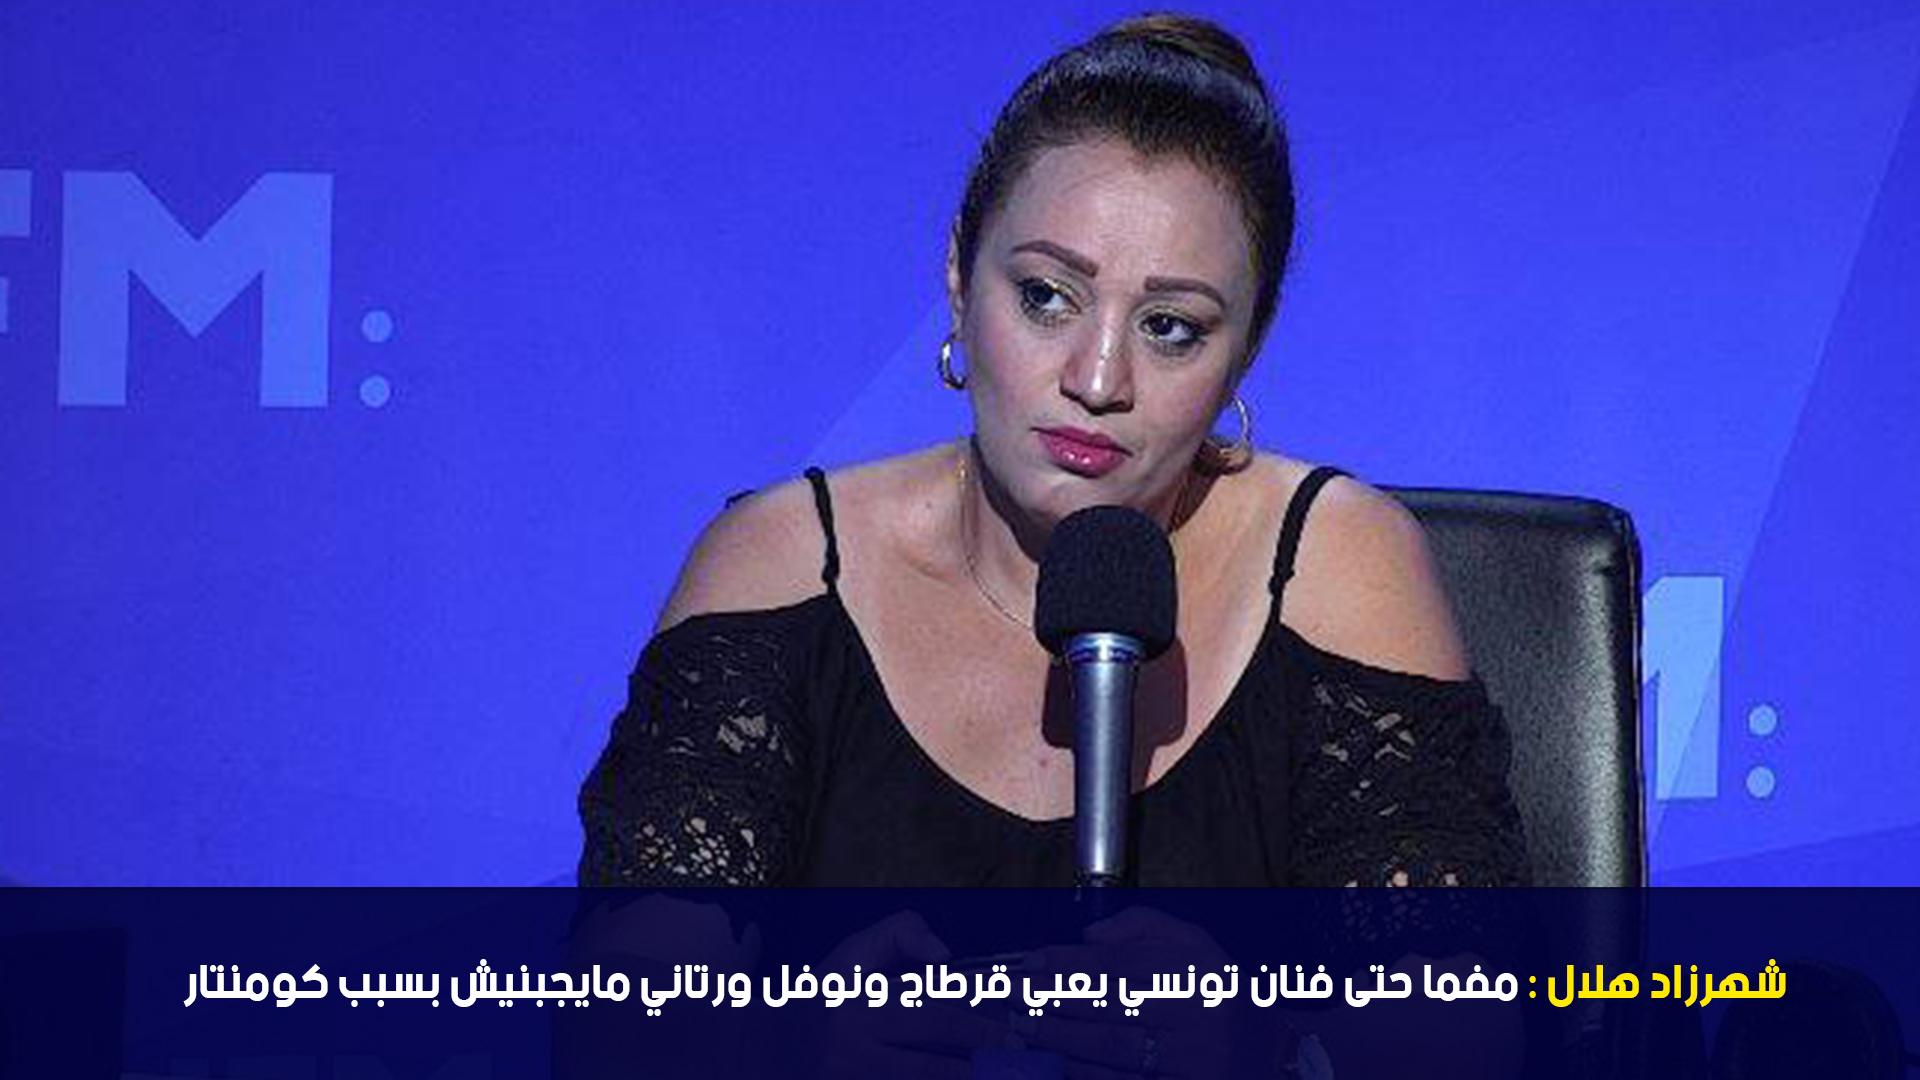 شهرزاد هلال : مفما حتى فنان تونسي يعبي قرطاج ونوفل ورتاني مايجبنيش بسبب كومنتار